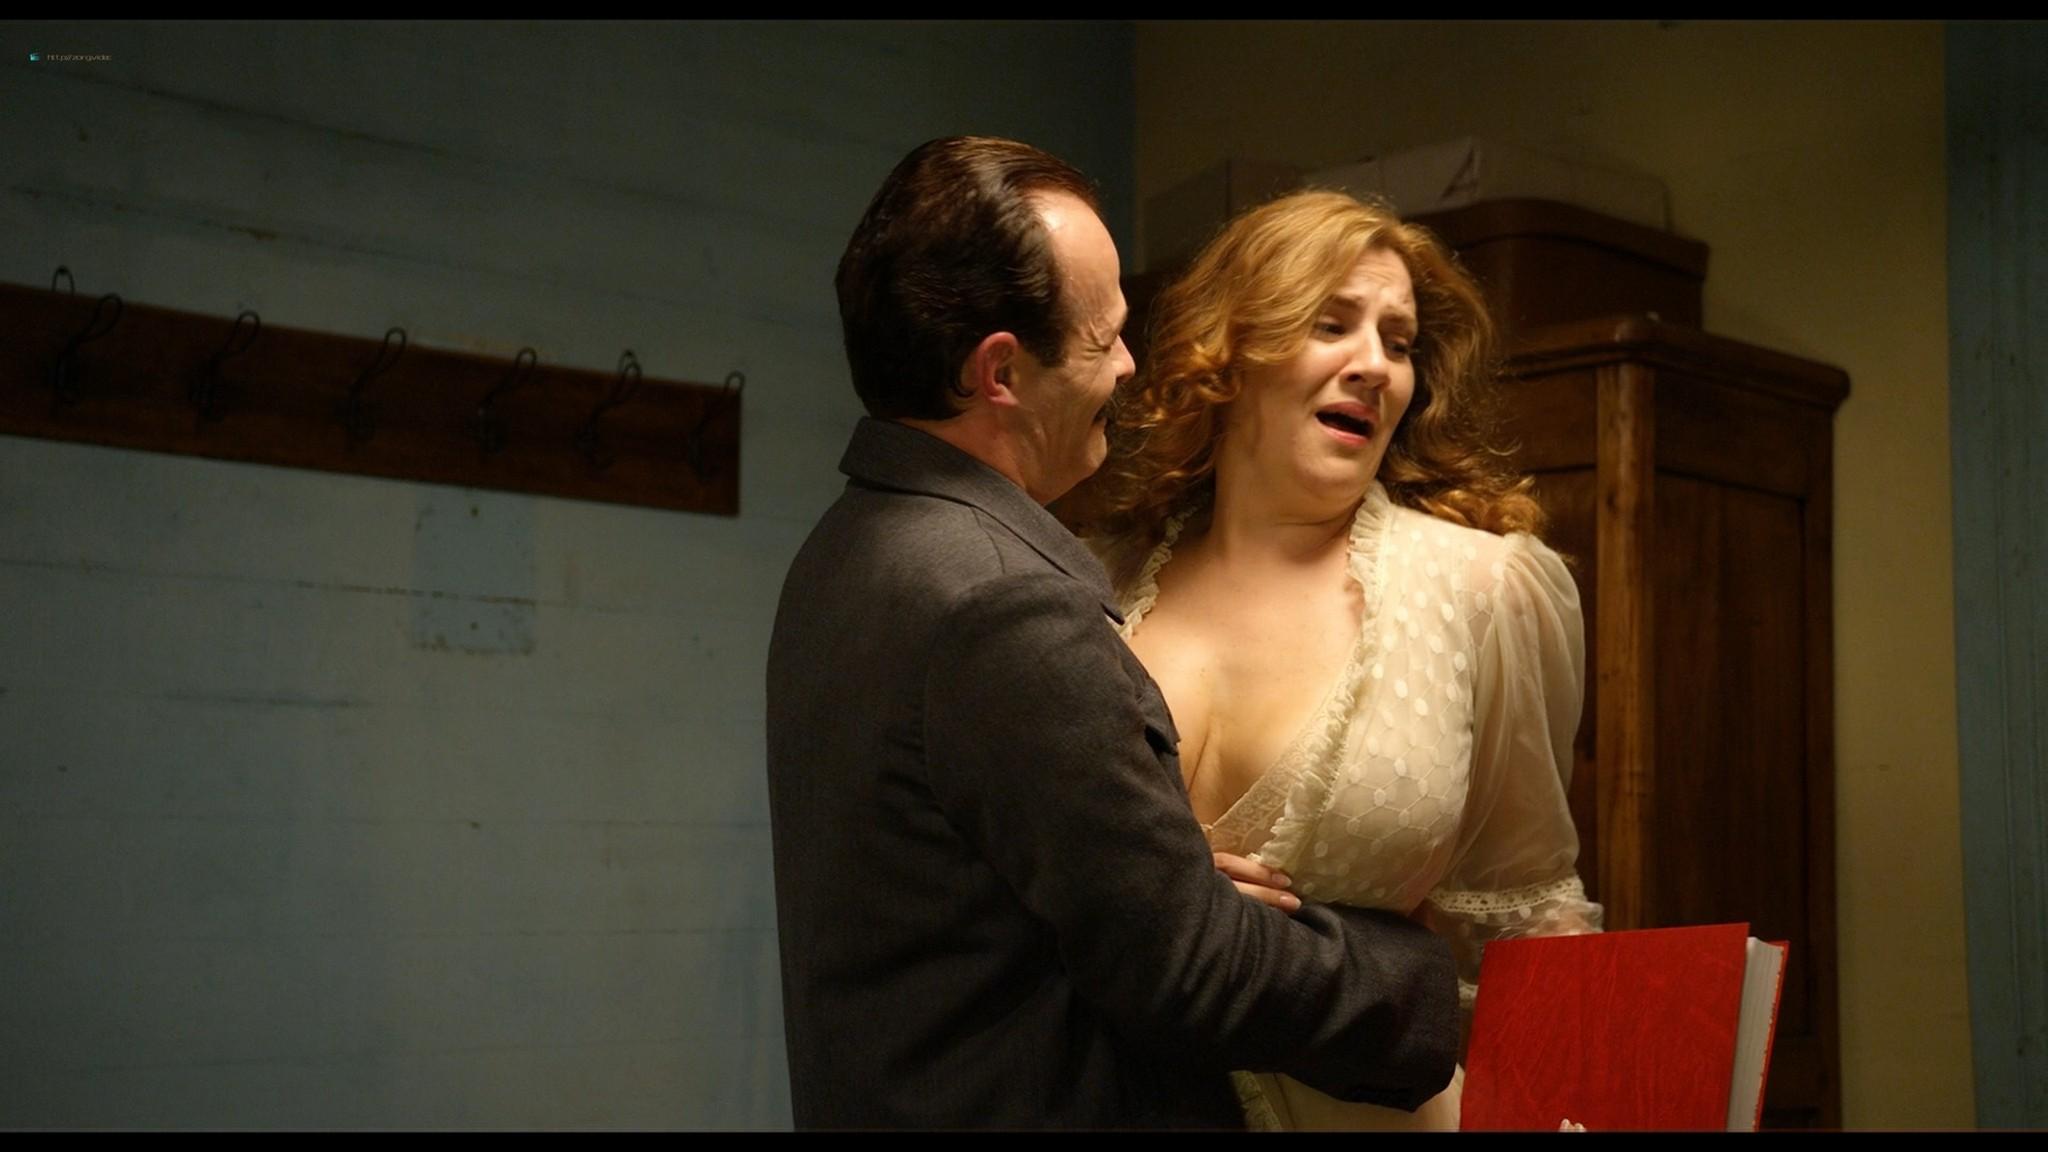 Pamela Flores nude full frontal - La danza de la realidad (2013) HD 1080p BluRay REMUX (10)